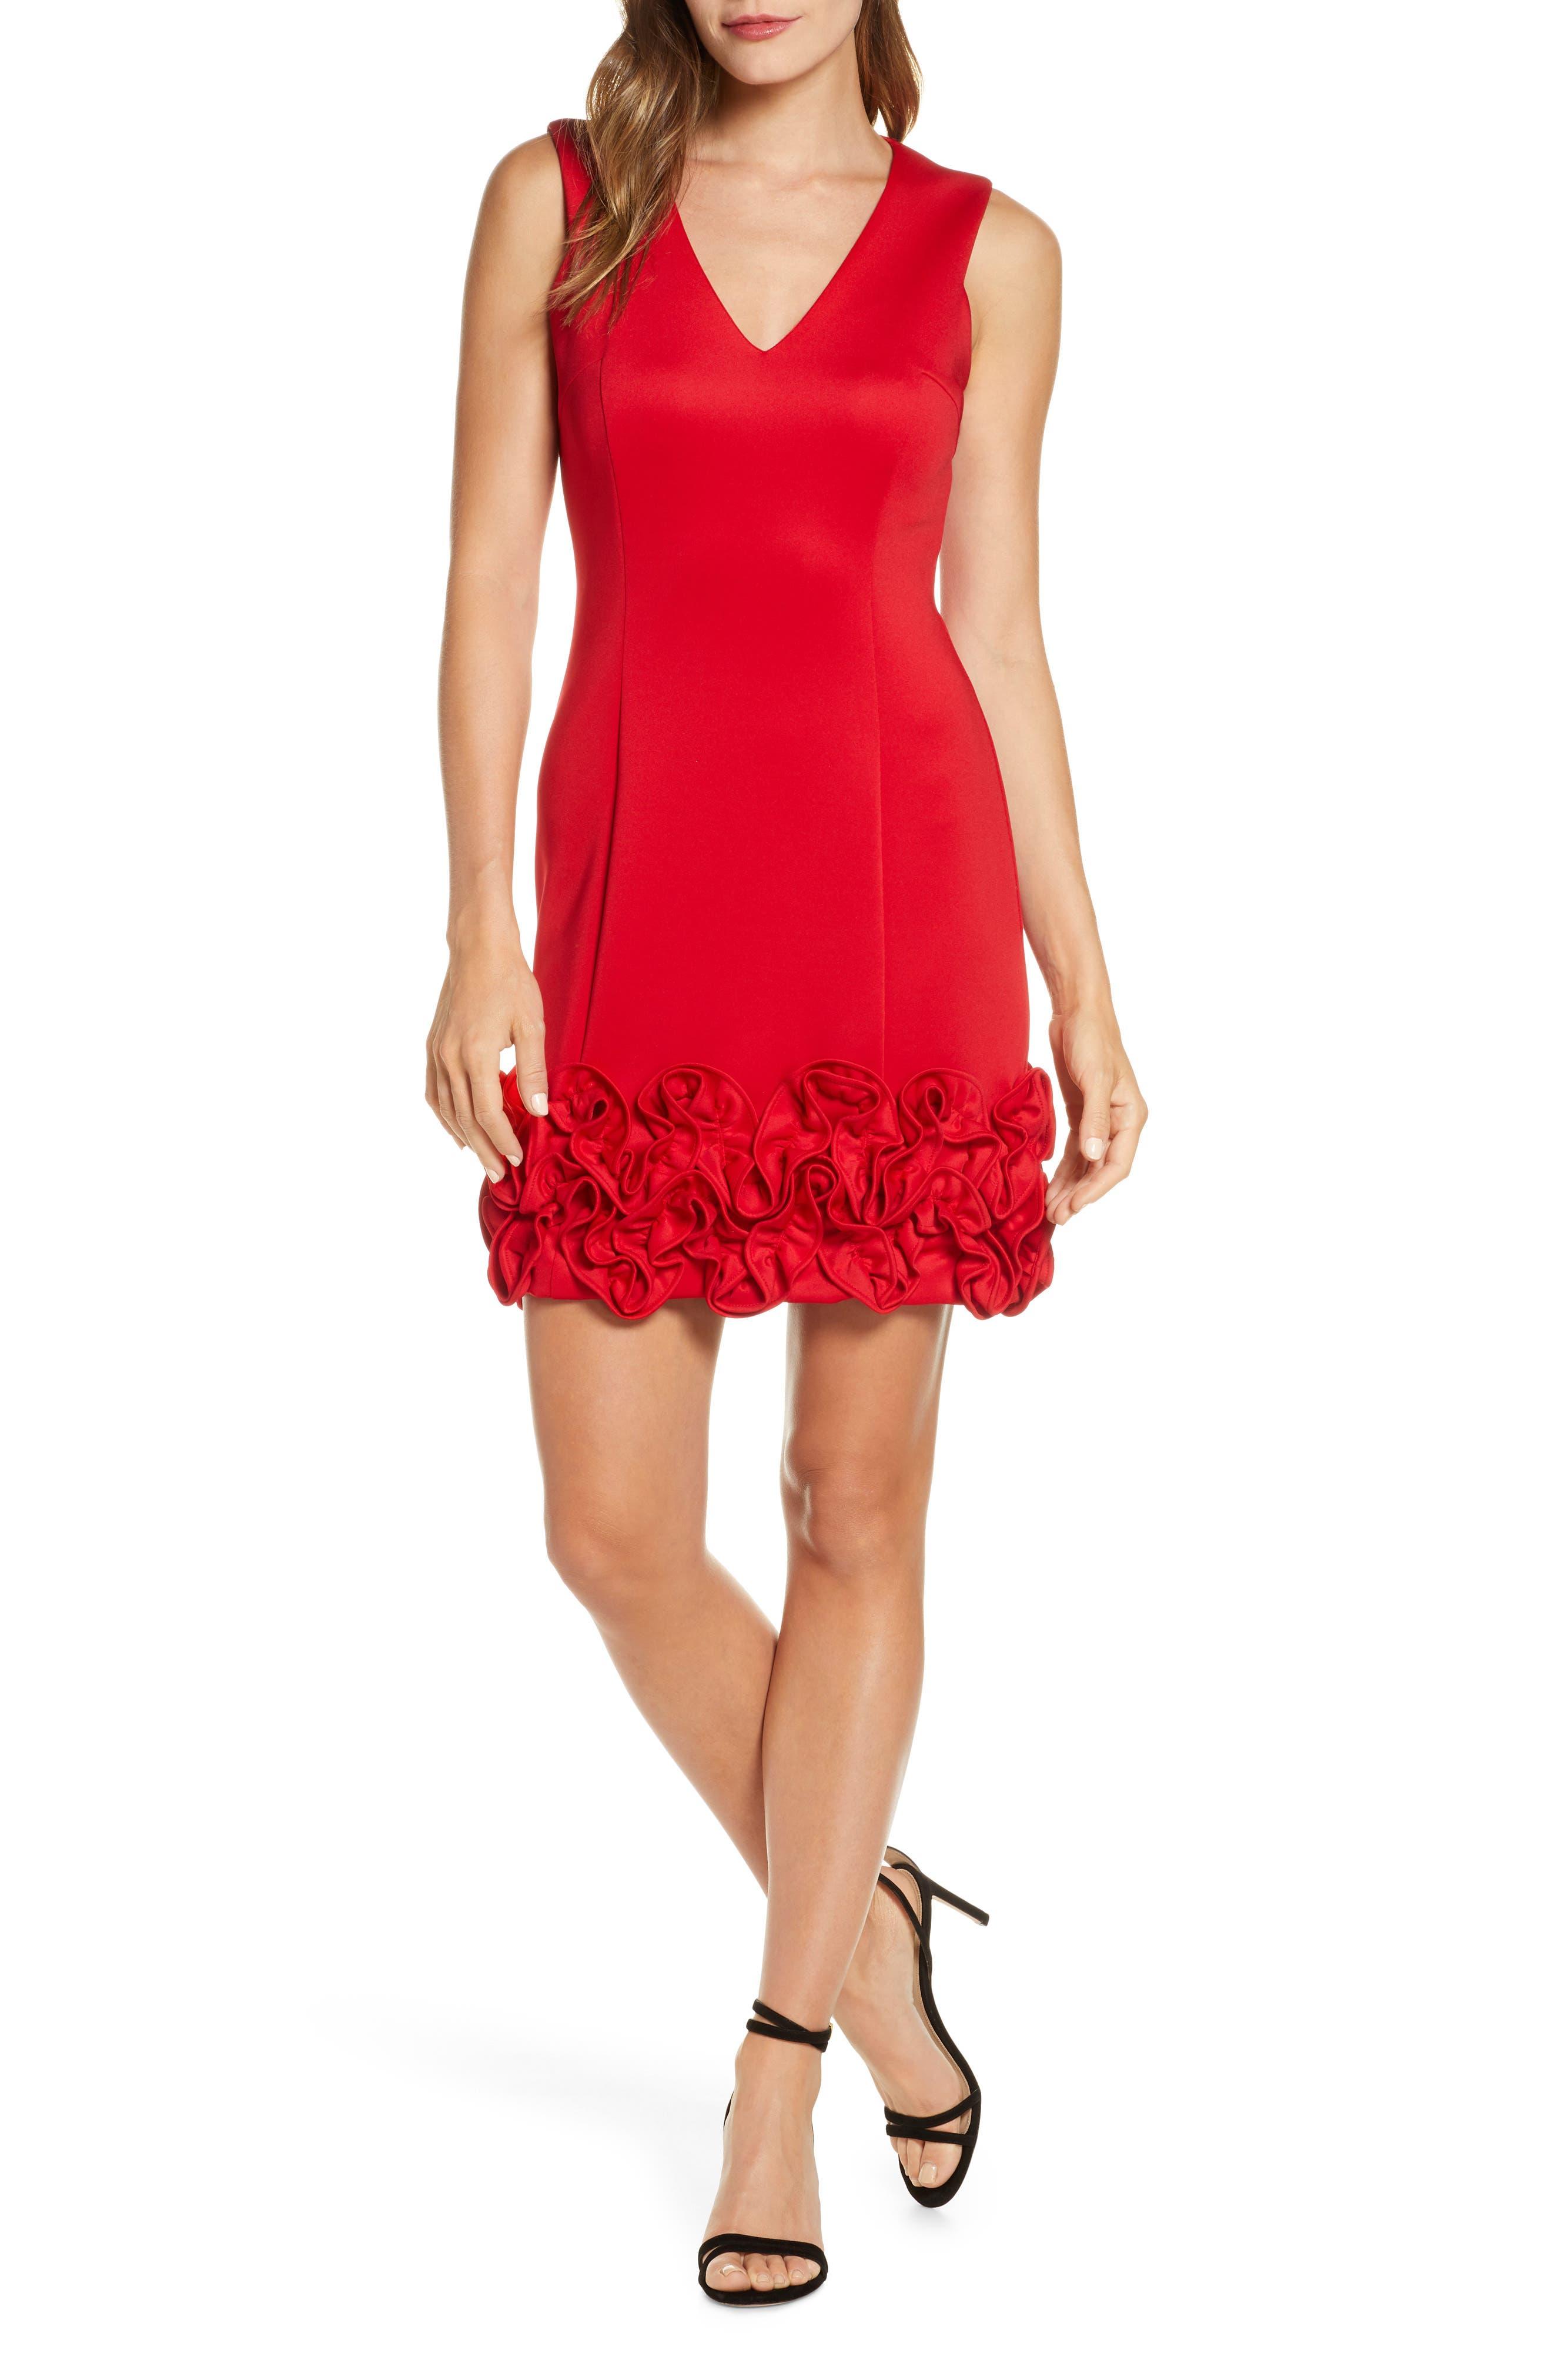 Image of Donna Ricco Sleeveless Ruffled Dress